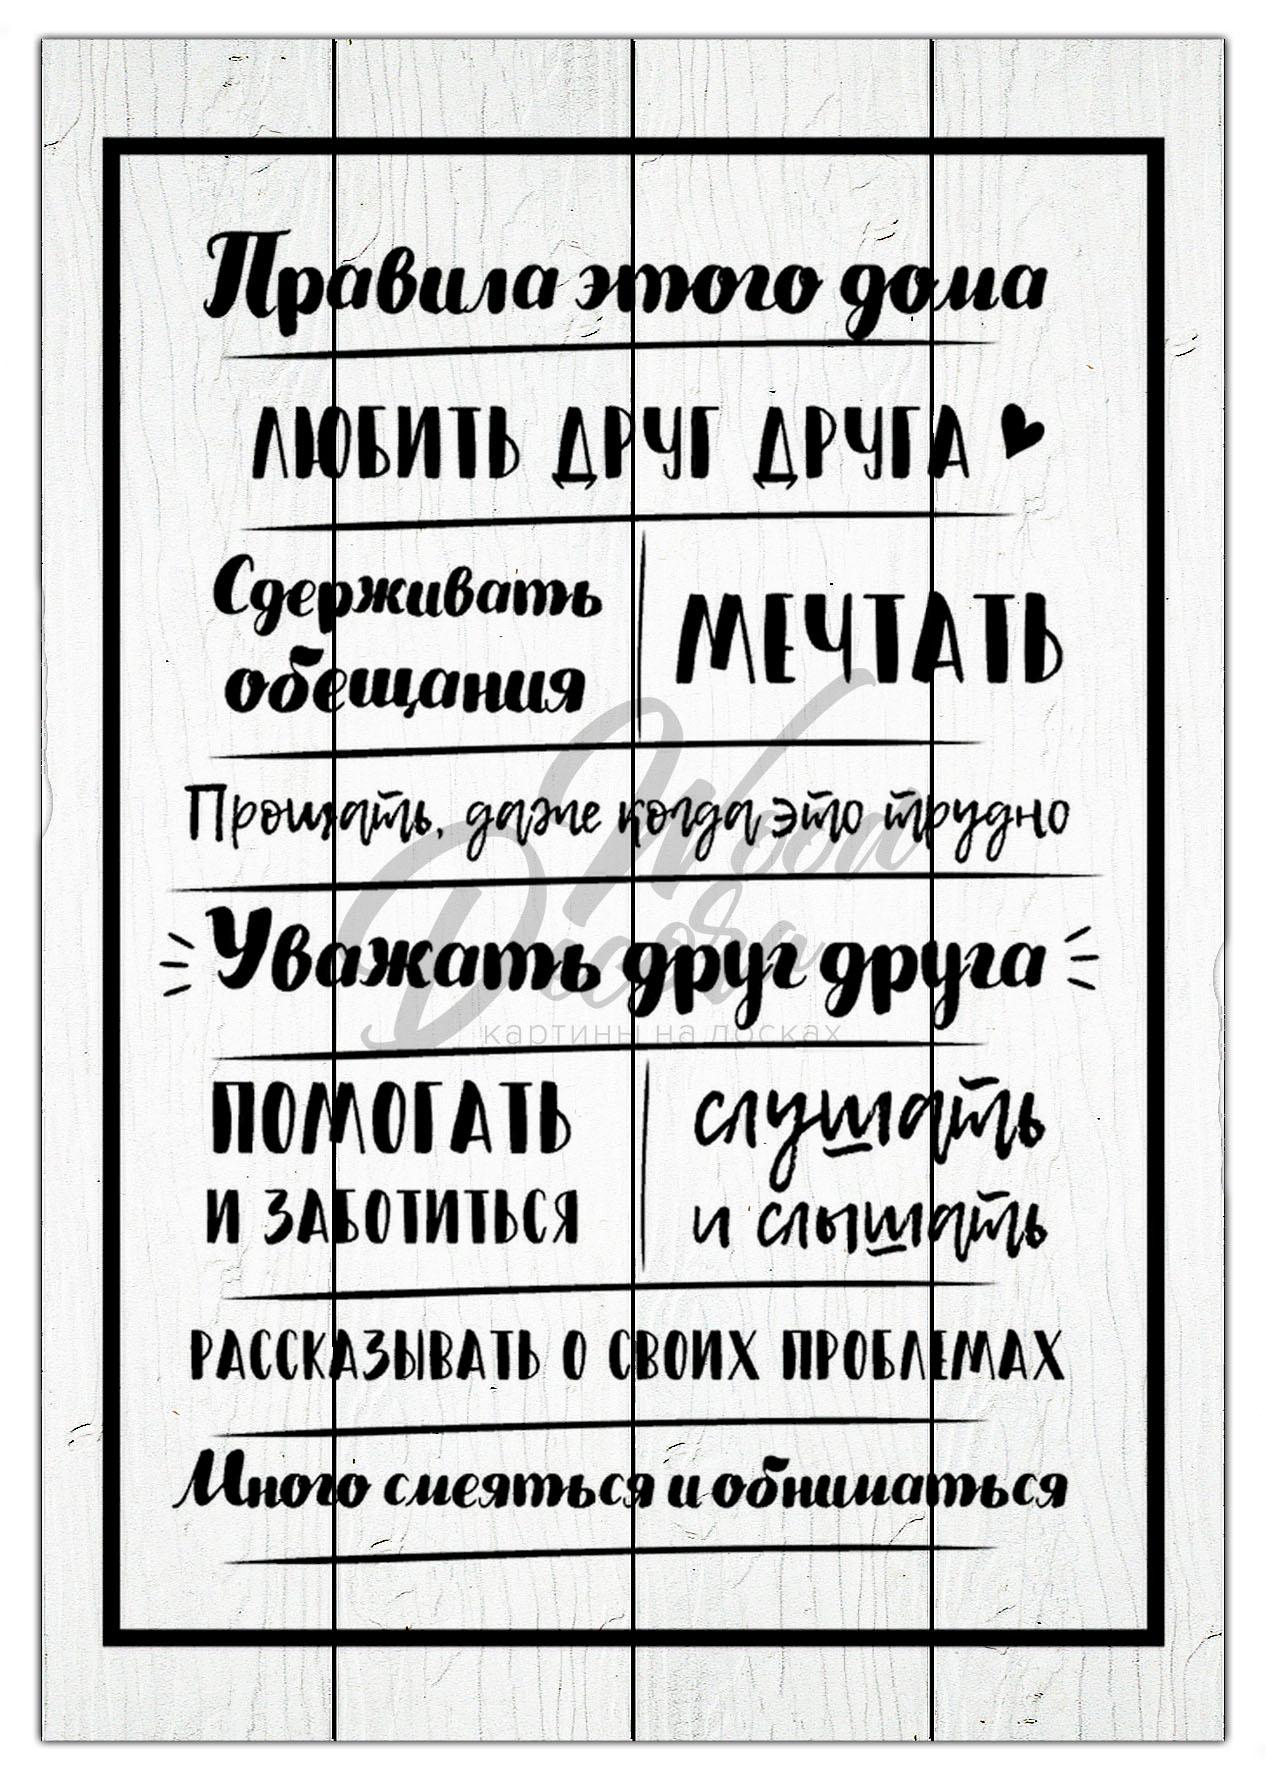 Вооруженных сил, картинки с надписью правила дома